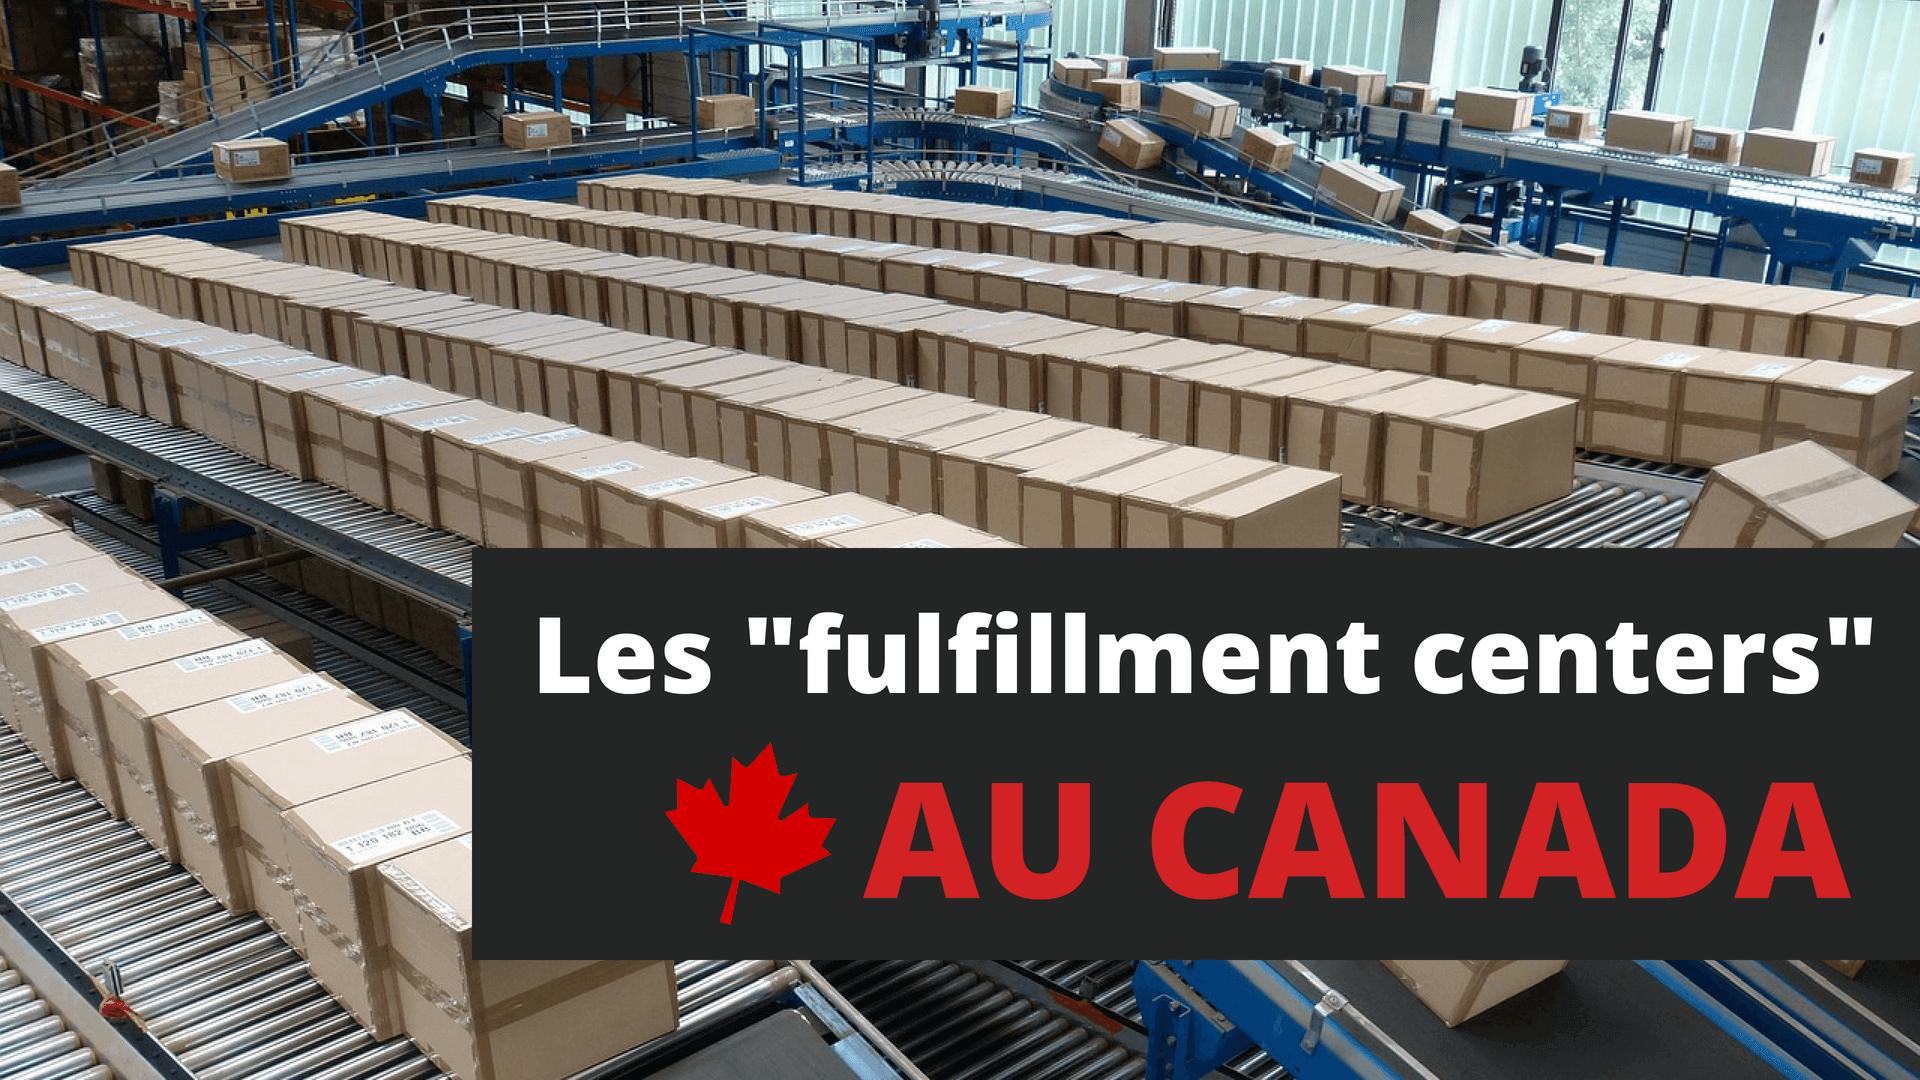 logistique et livraison, les fulfillment centers au Canada